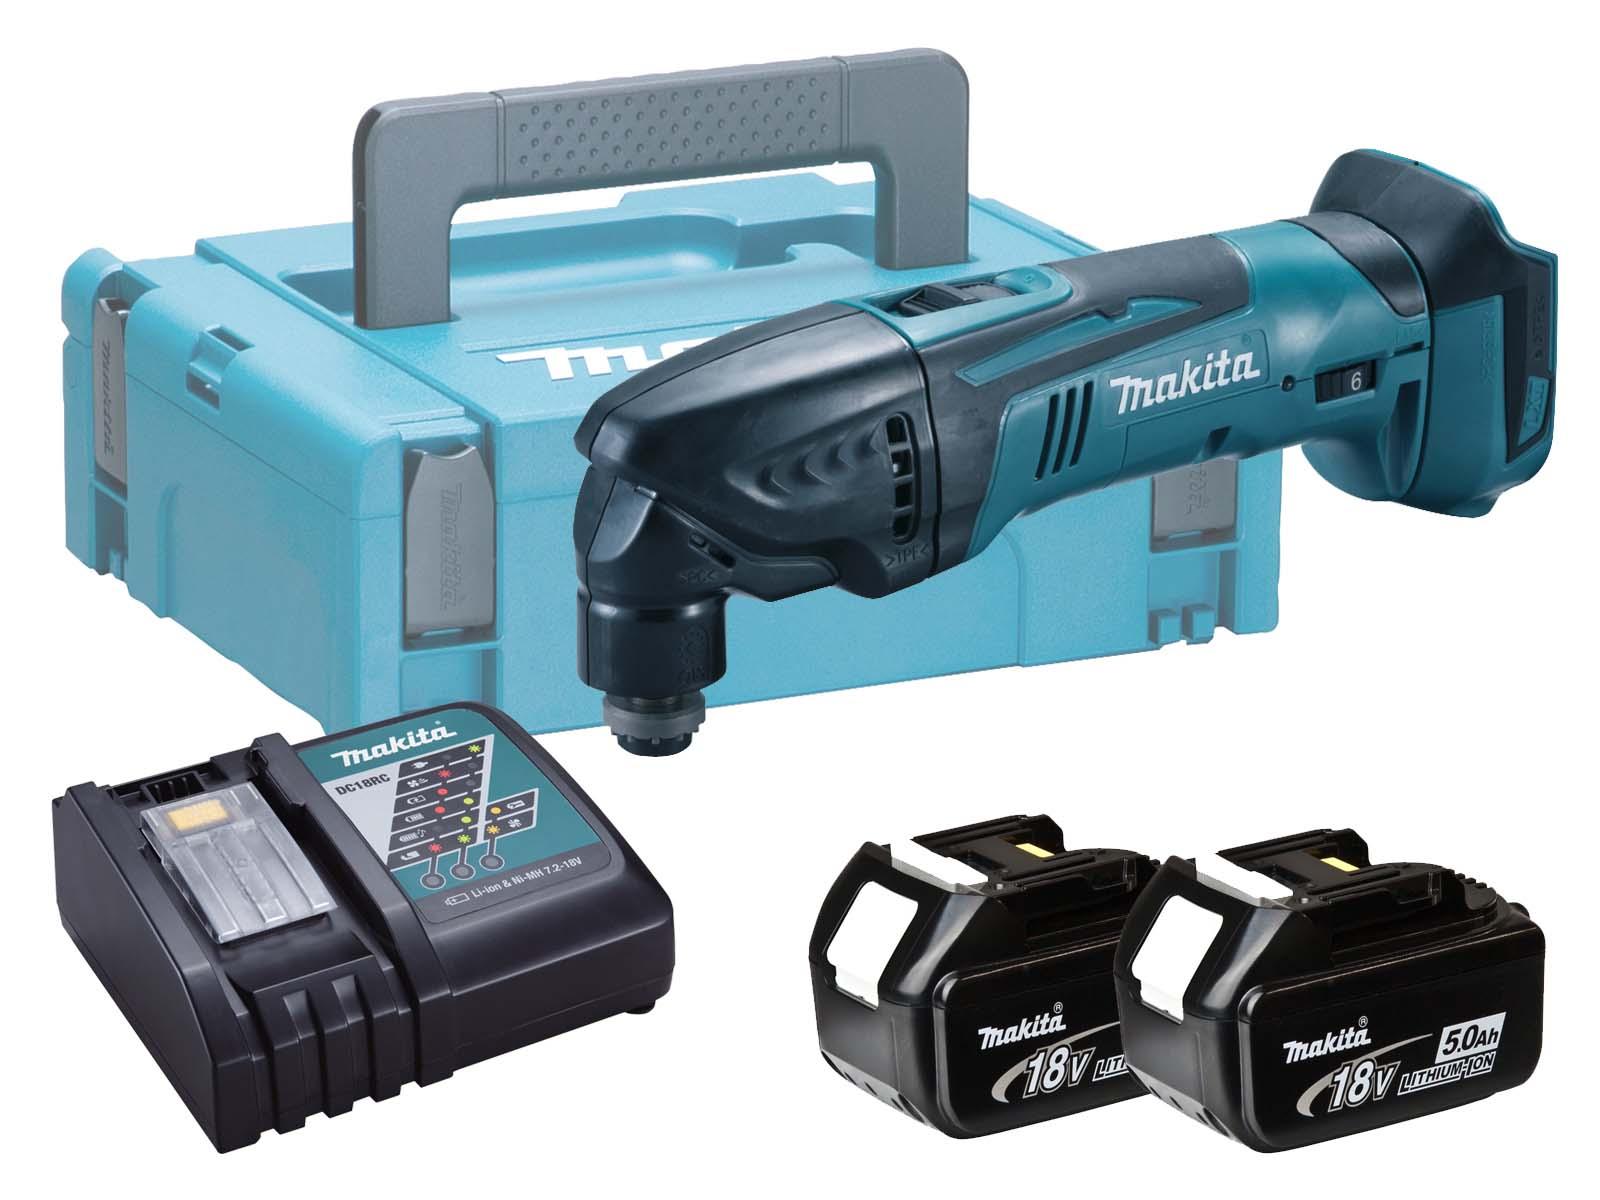 Makita 18V Brushed Multi Tool LXT - DTM50 - 5.0Ah Pack